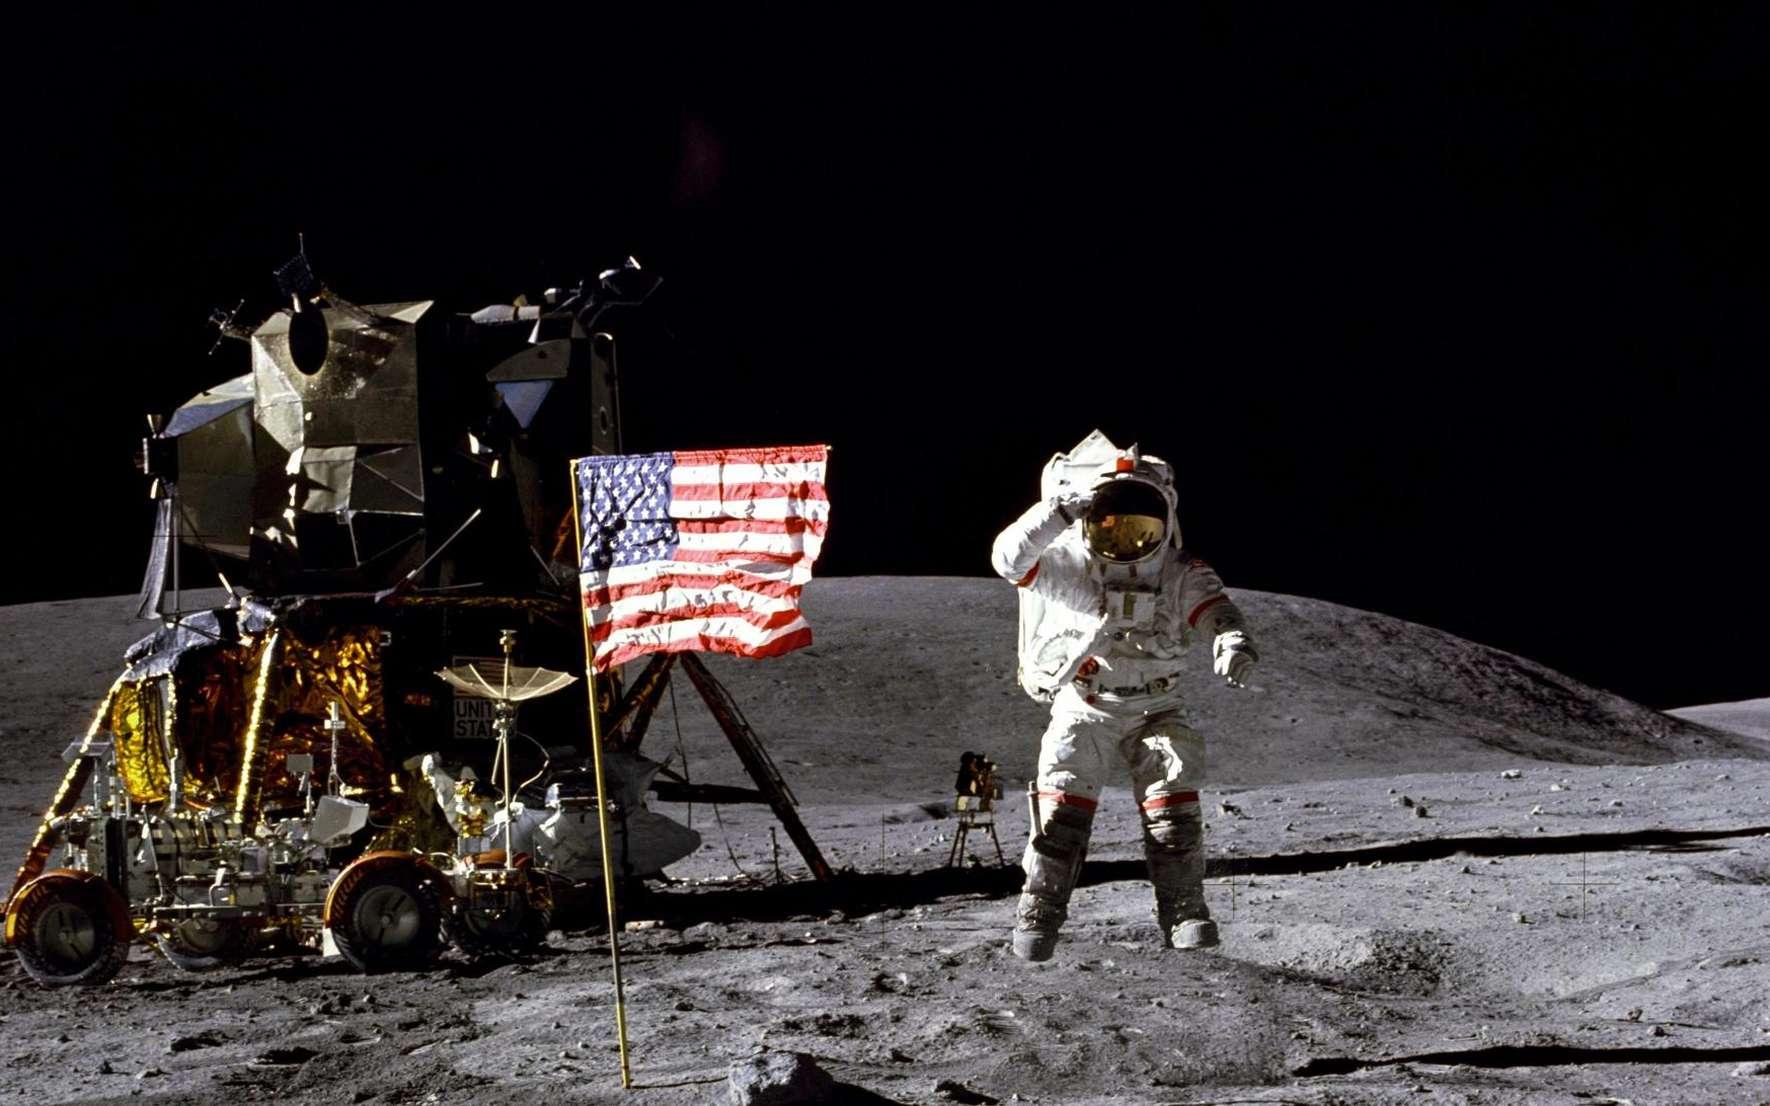 John Young bondissant devant le module lunaire Apollo 16 en 1972. © Nasa